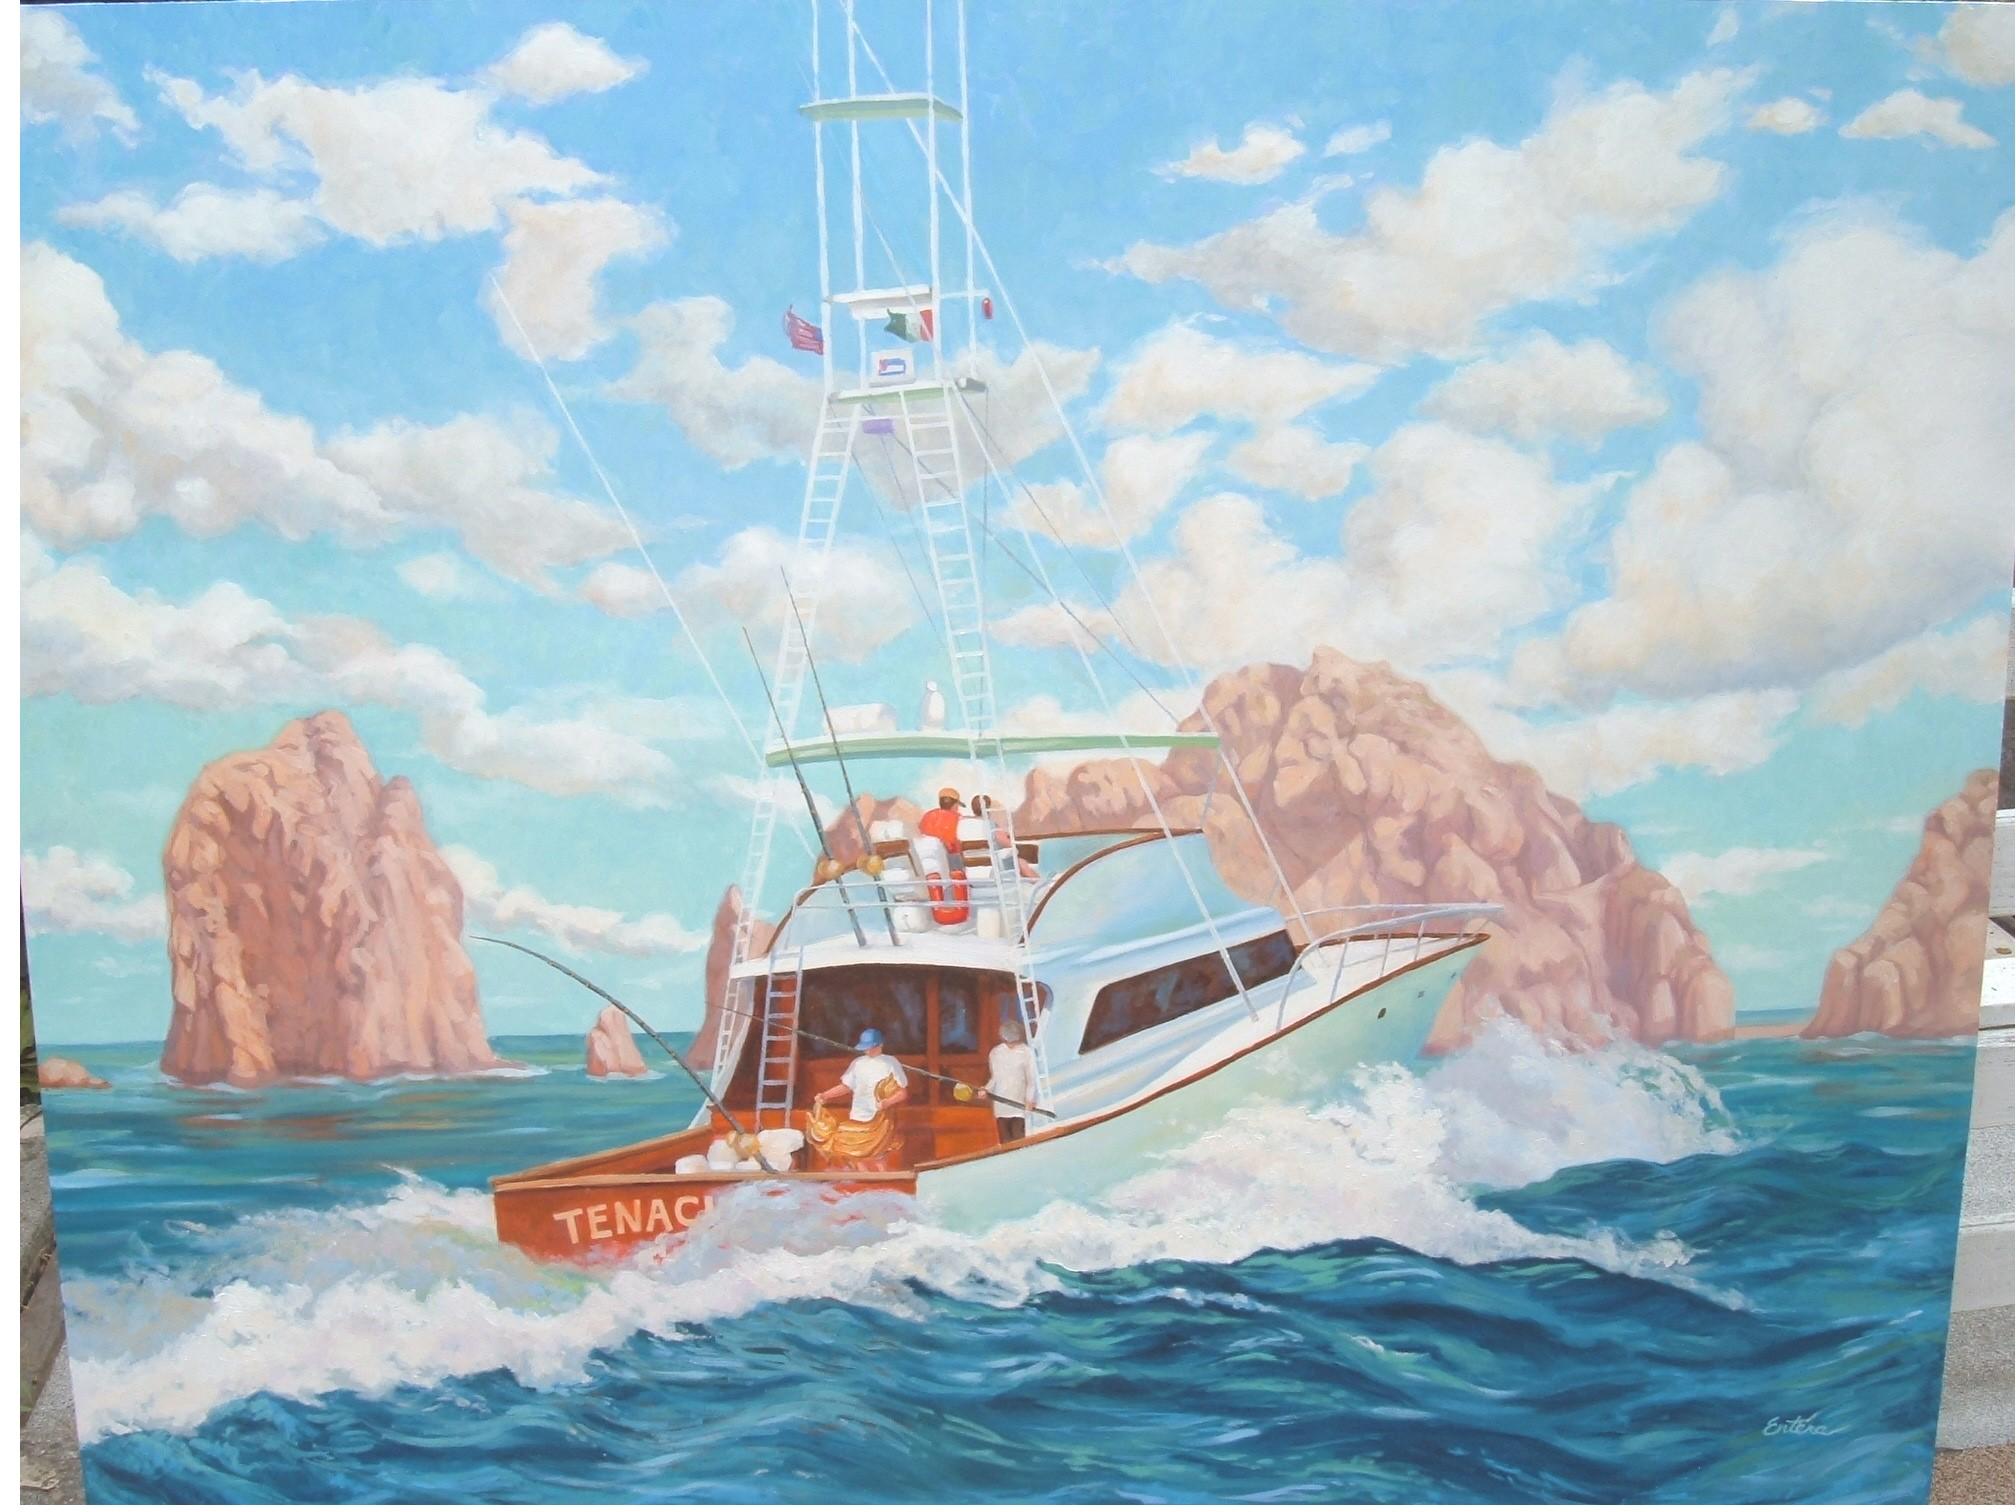 Cabo_boat_002.jpg